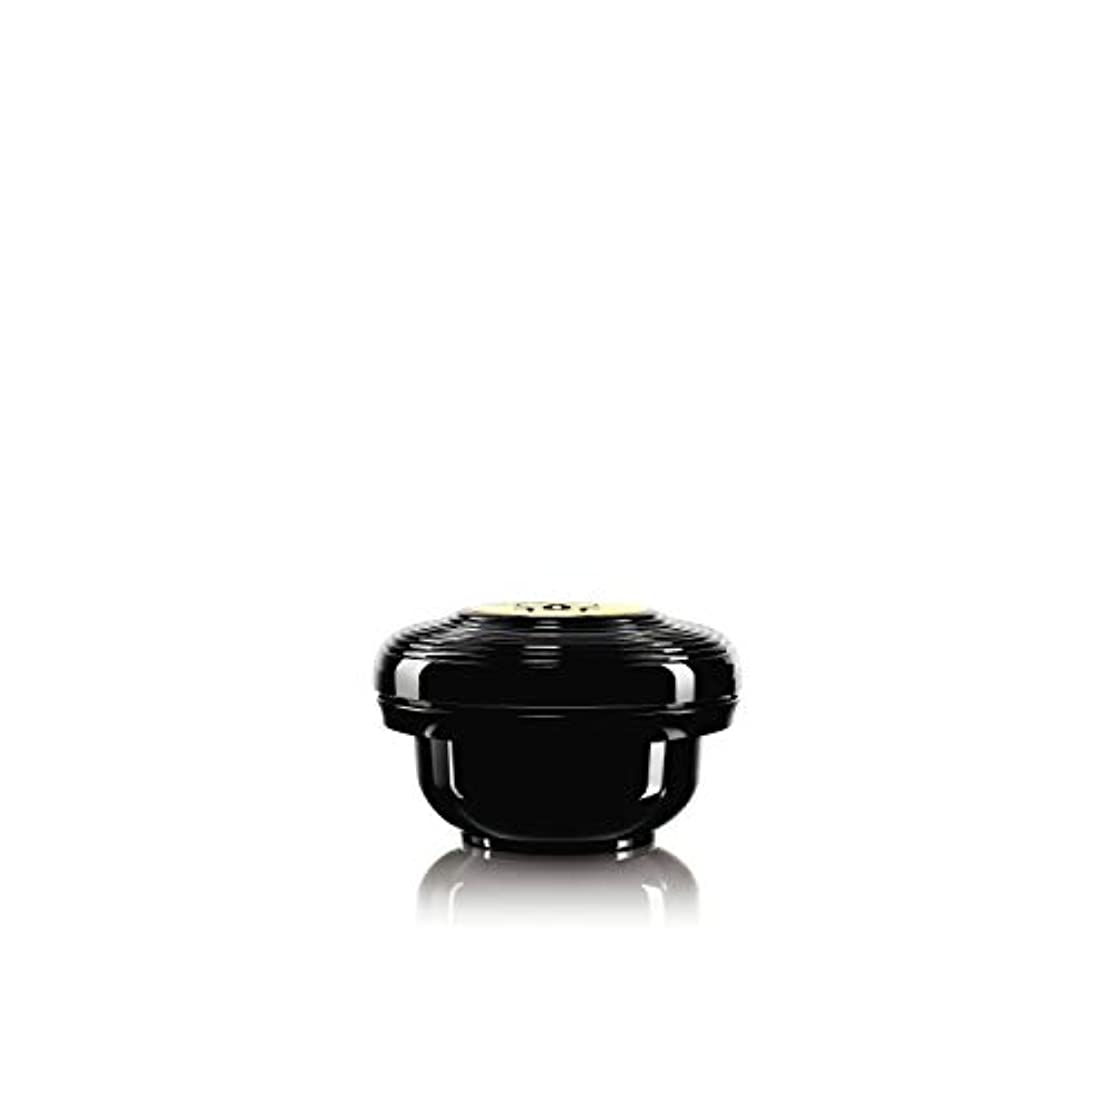 歪める補足厳しい【GUERLAIN(ゲラン)】オーキデ アンペリアル ブラック クリーム ベルナルド(リフィル)50mL/クリーム